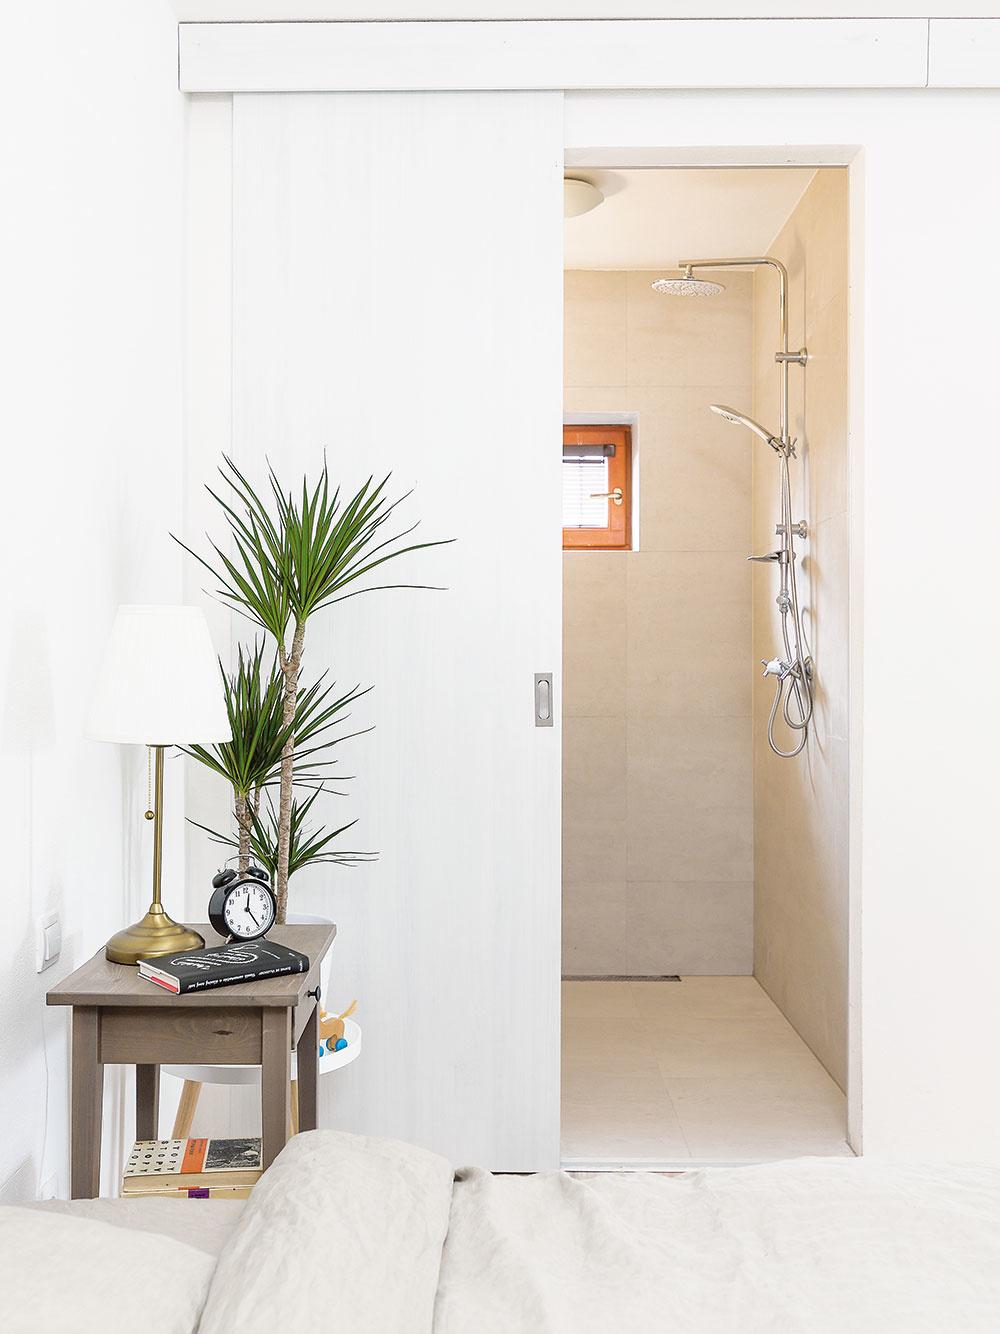 Khlavnej spálni na prízemí prislúcha okrem šatníka aj malá kúpeľňa či skôr veľký sprchovací kút sumývadlom, oddelený priestorovo úspornými posuvnými dverami.